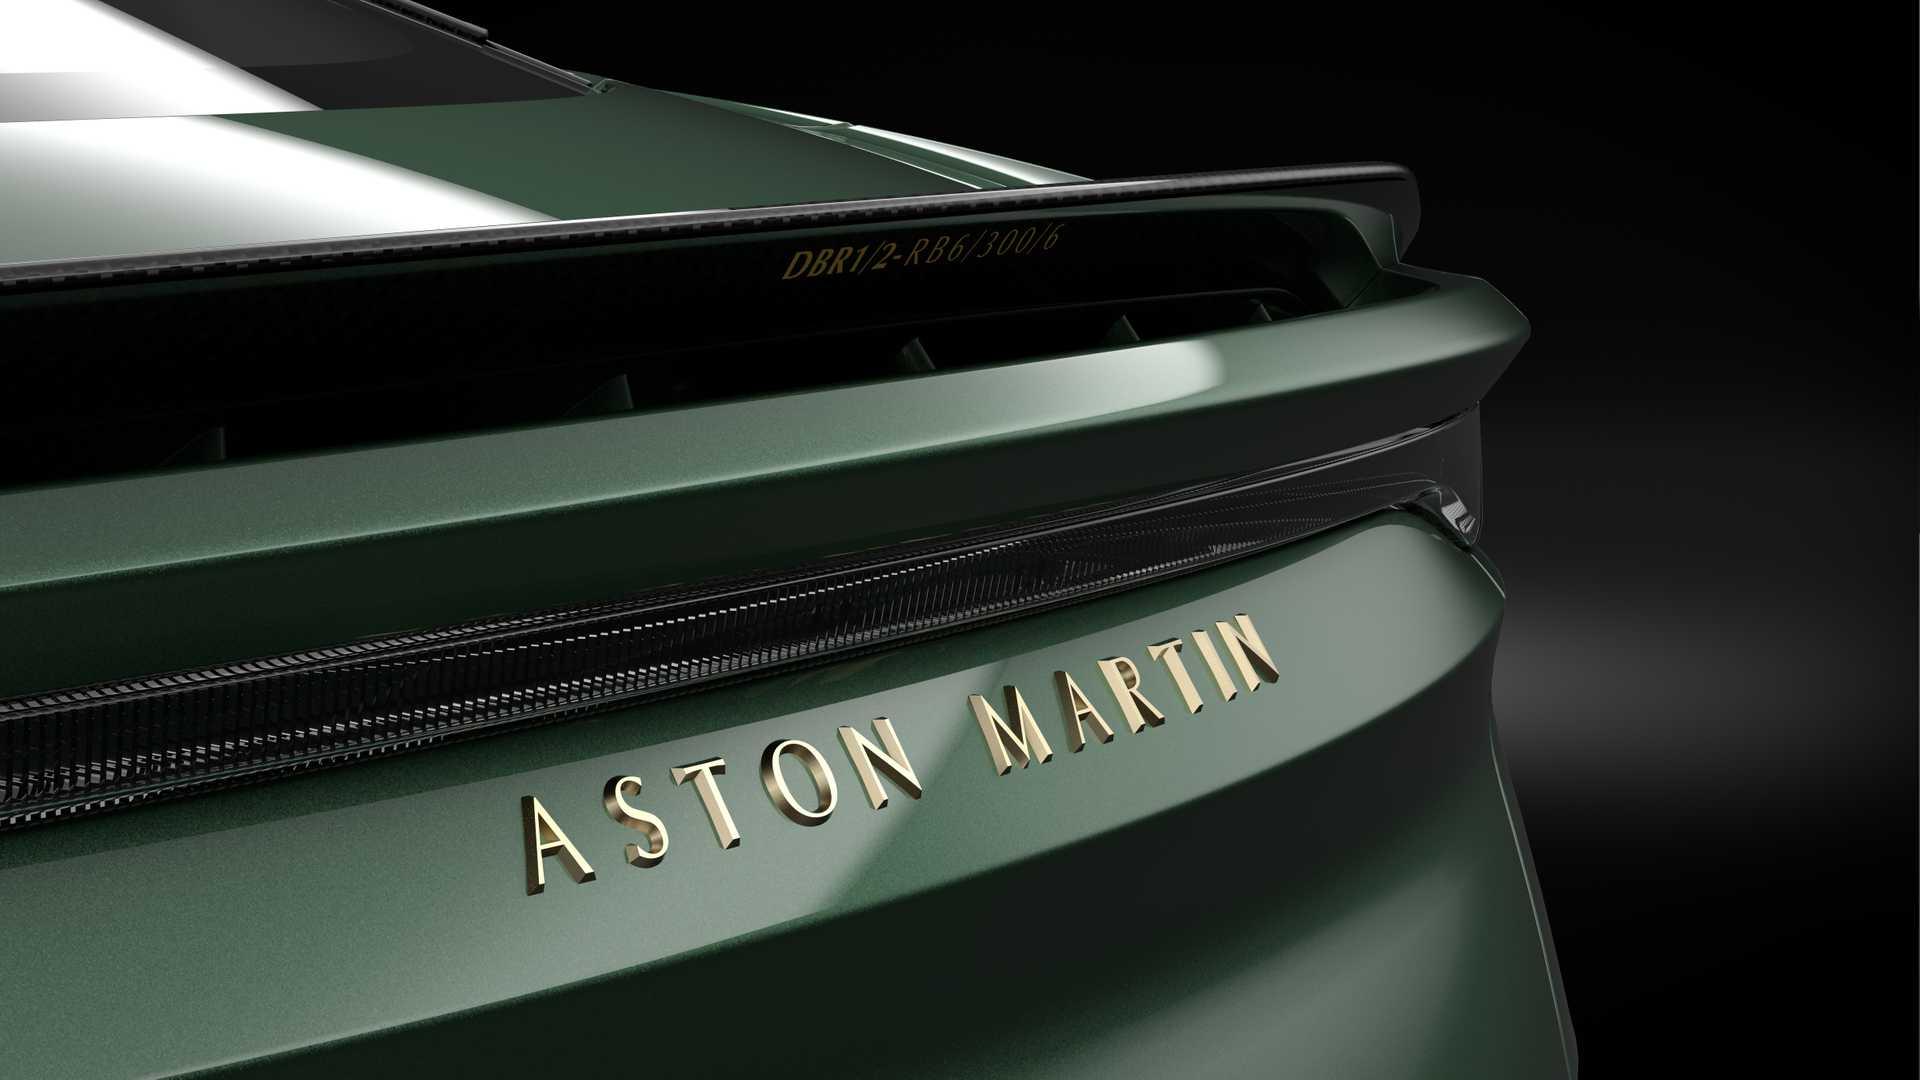 Aston Martin DBS 59: In ricordo dell'inglese vincente